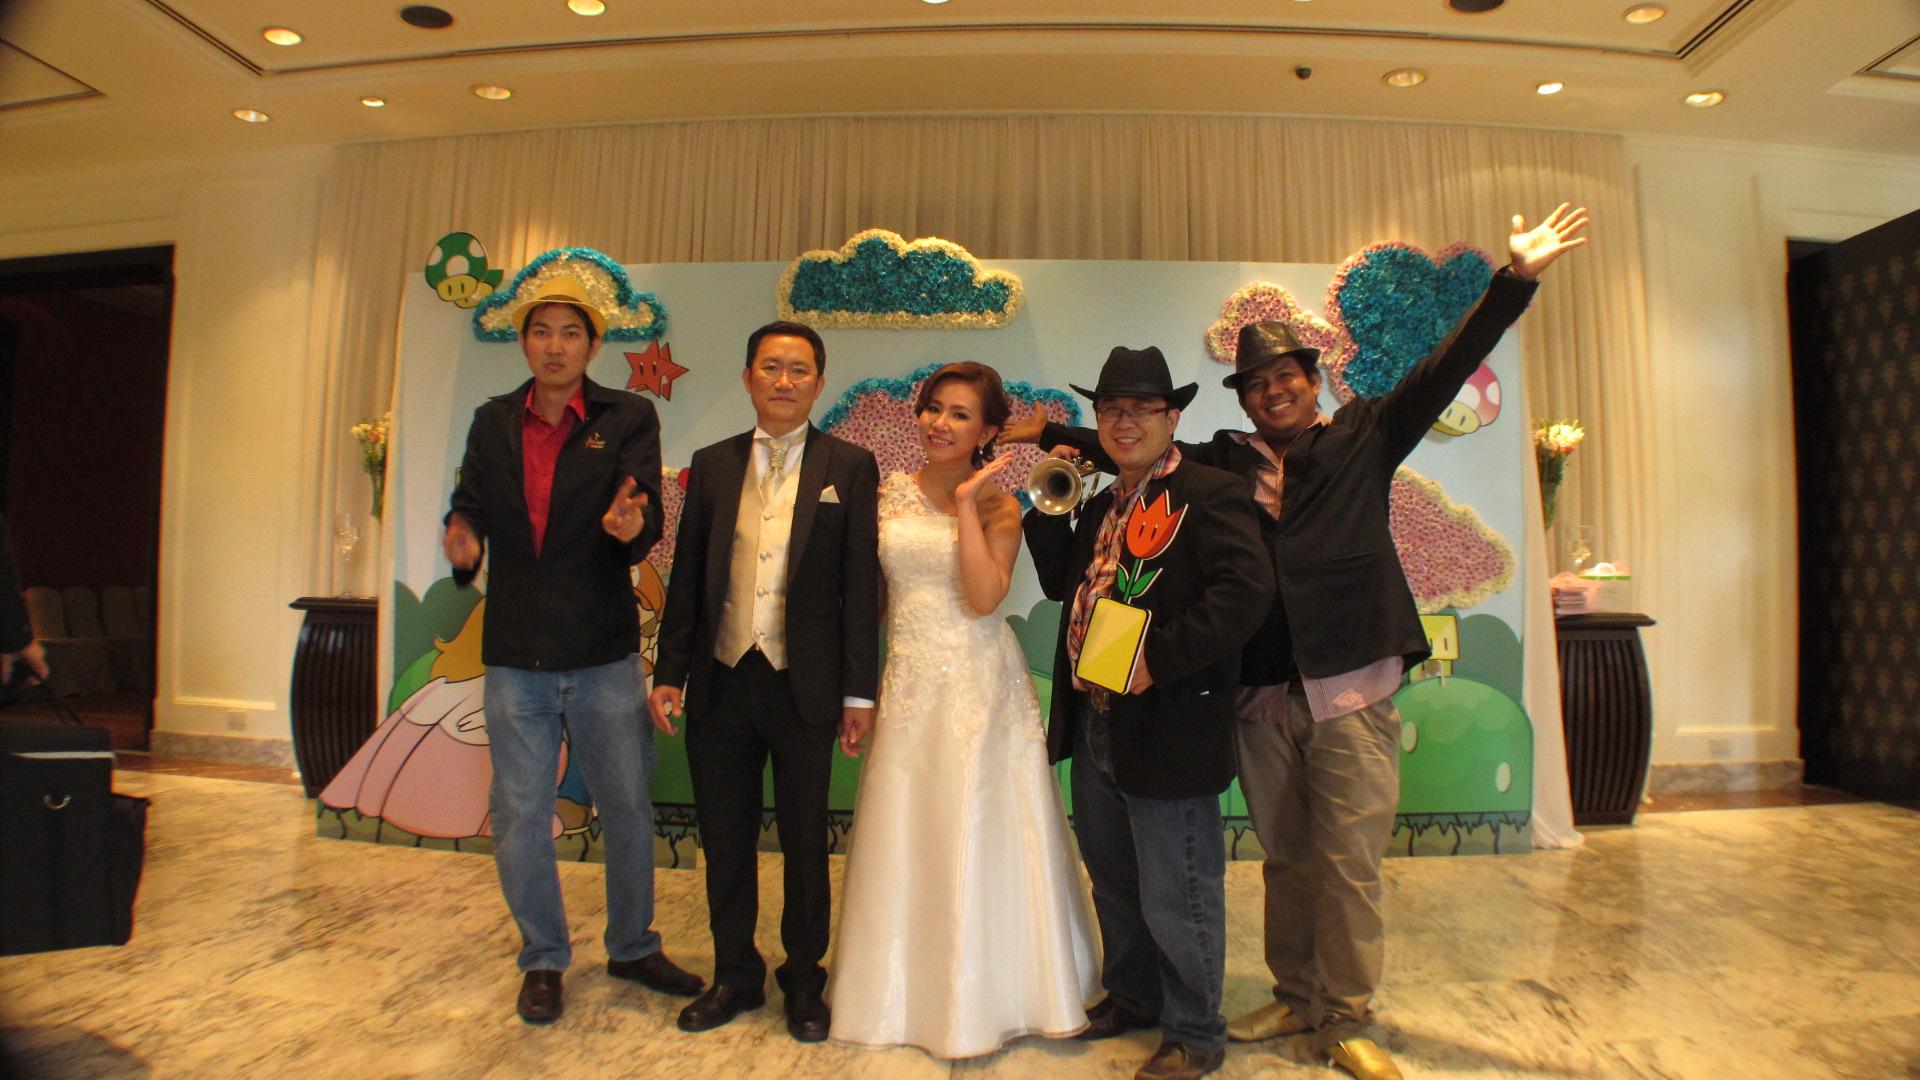 วงดนตรี งานแต่งงาน งานอีเว้นท์ งานเลี้ยง